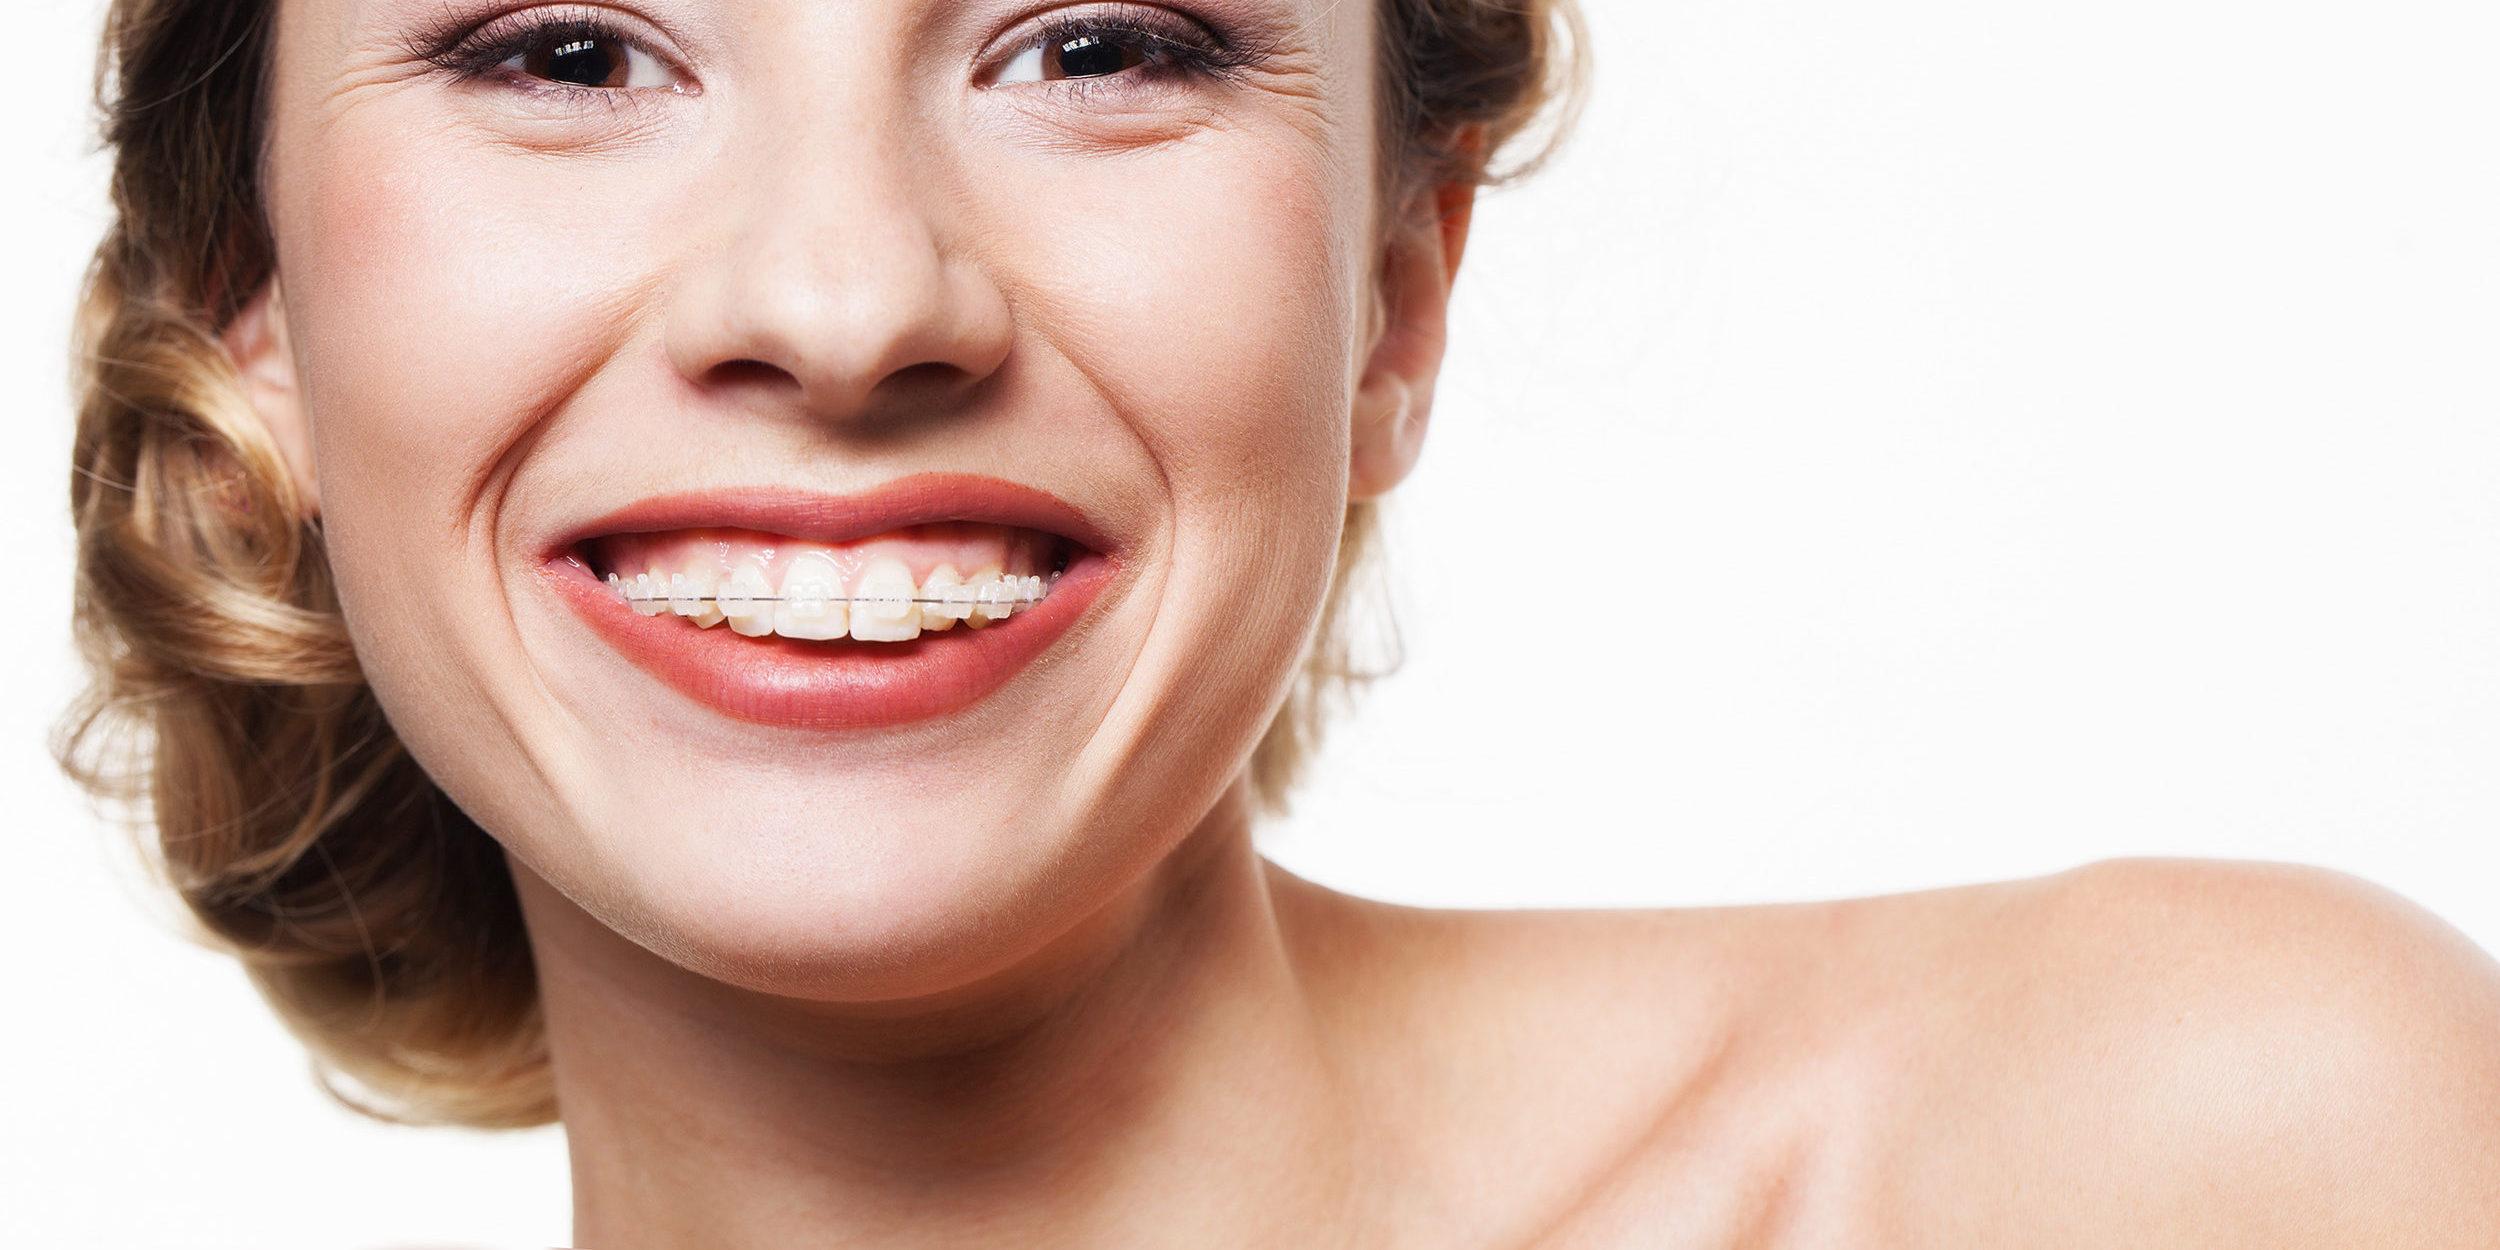 ortodoncia-zafiro2-e1468508704964